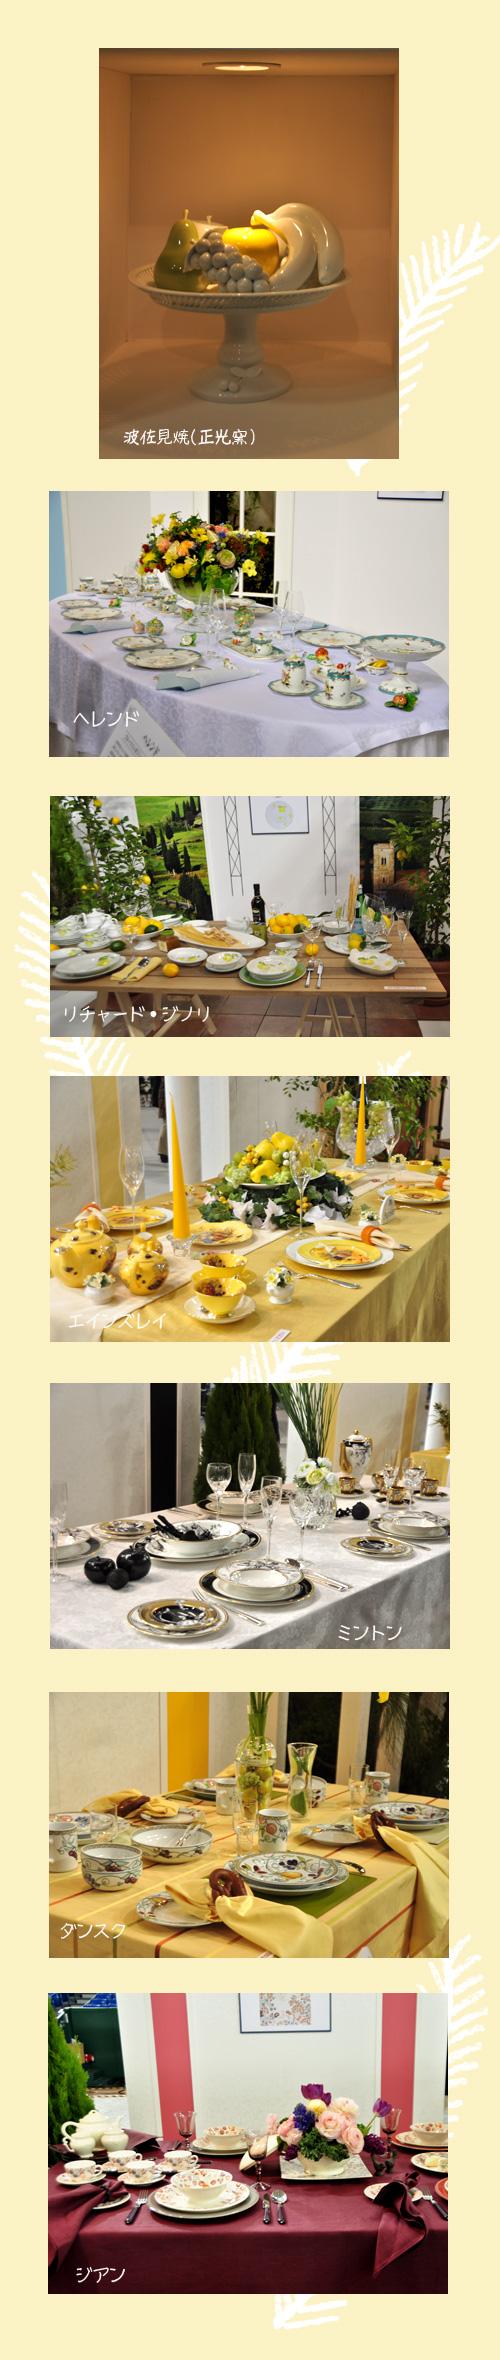 2月9日テーブルウェアフェスティバル2